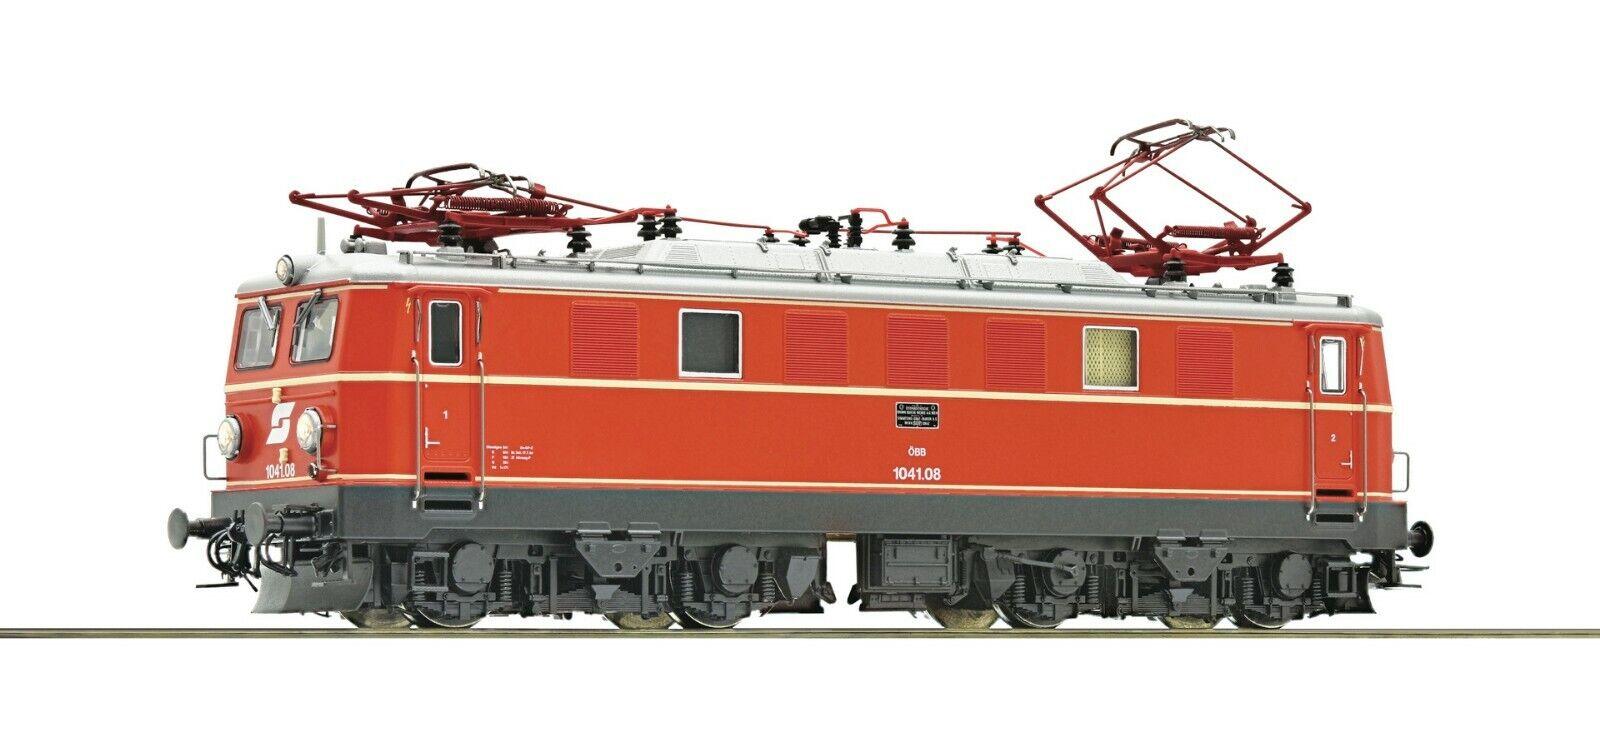 Roco ho scale, Locomotora eléctrica 1041,08, con audio, obb.